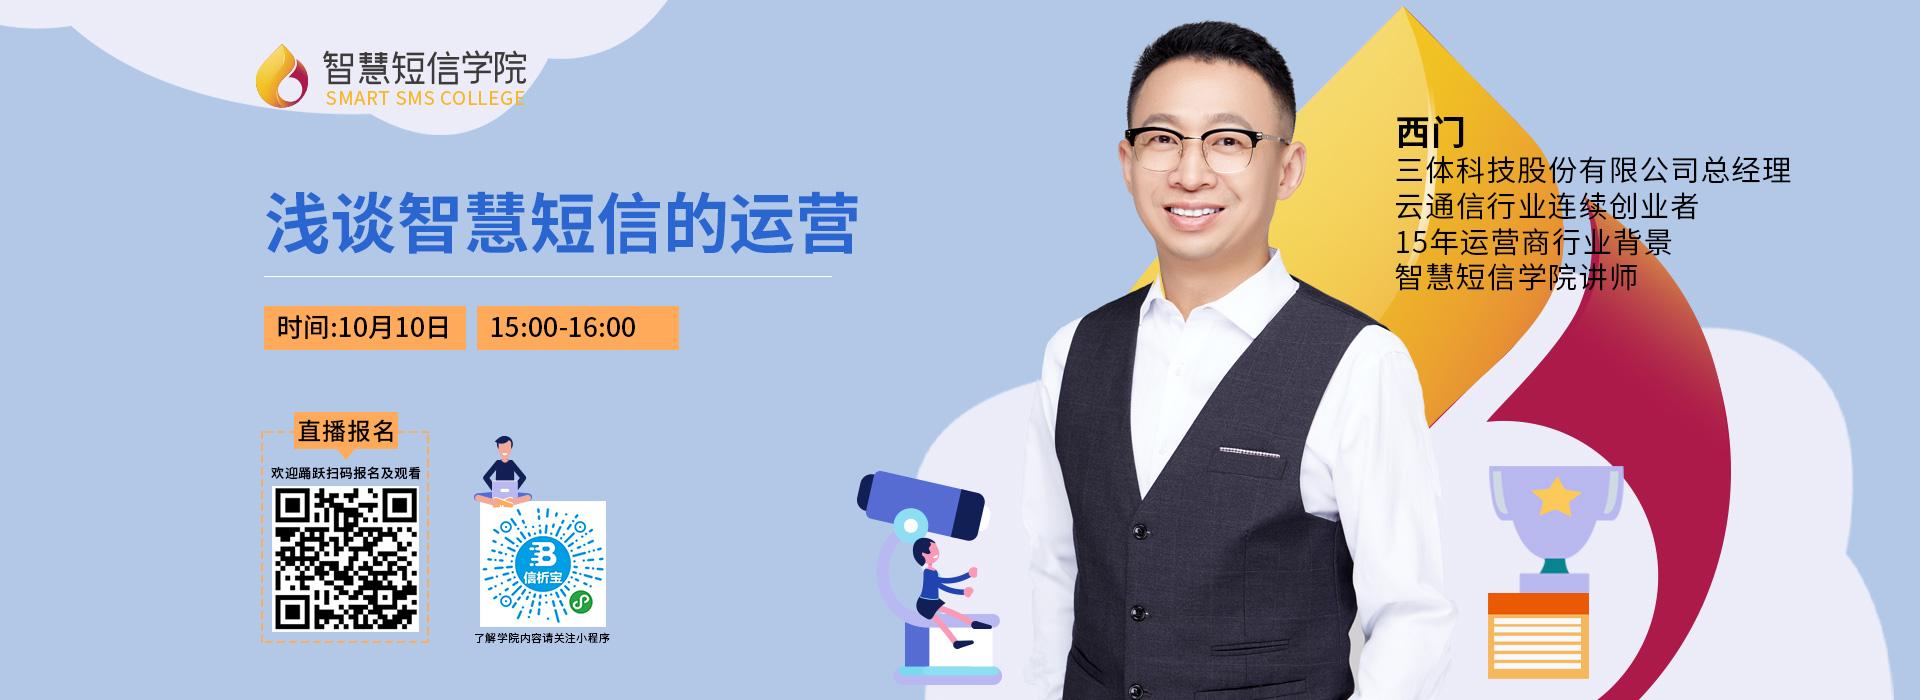 西門直播首頁banner